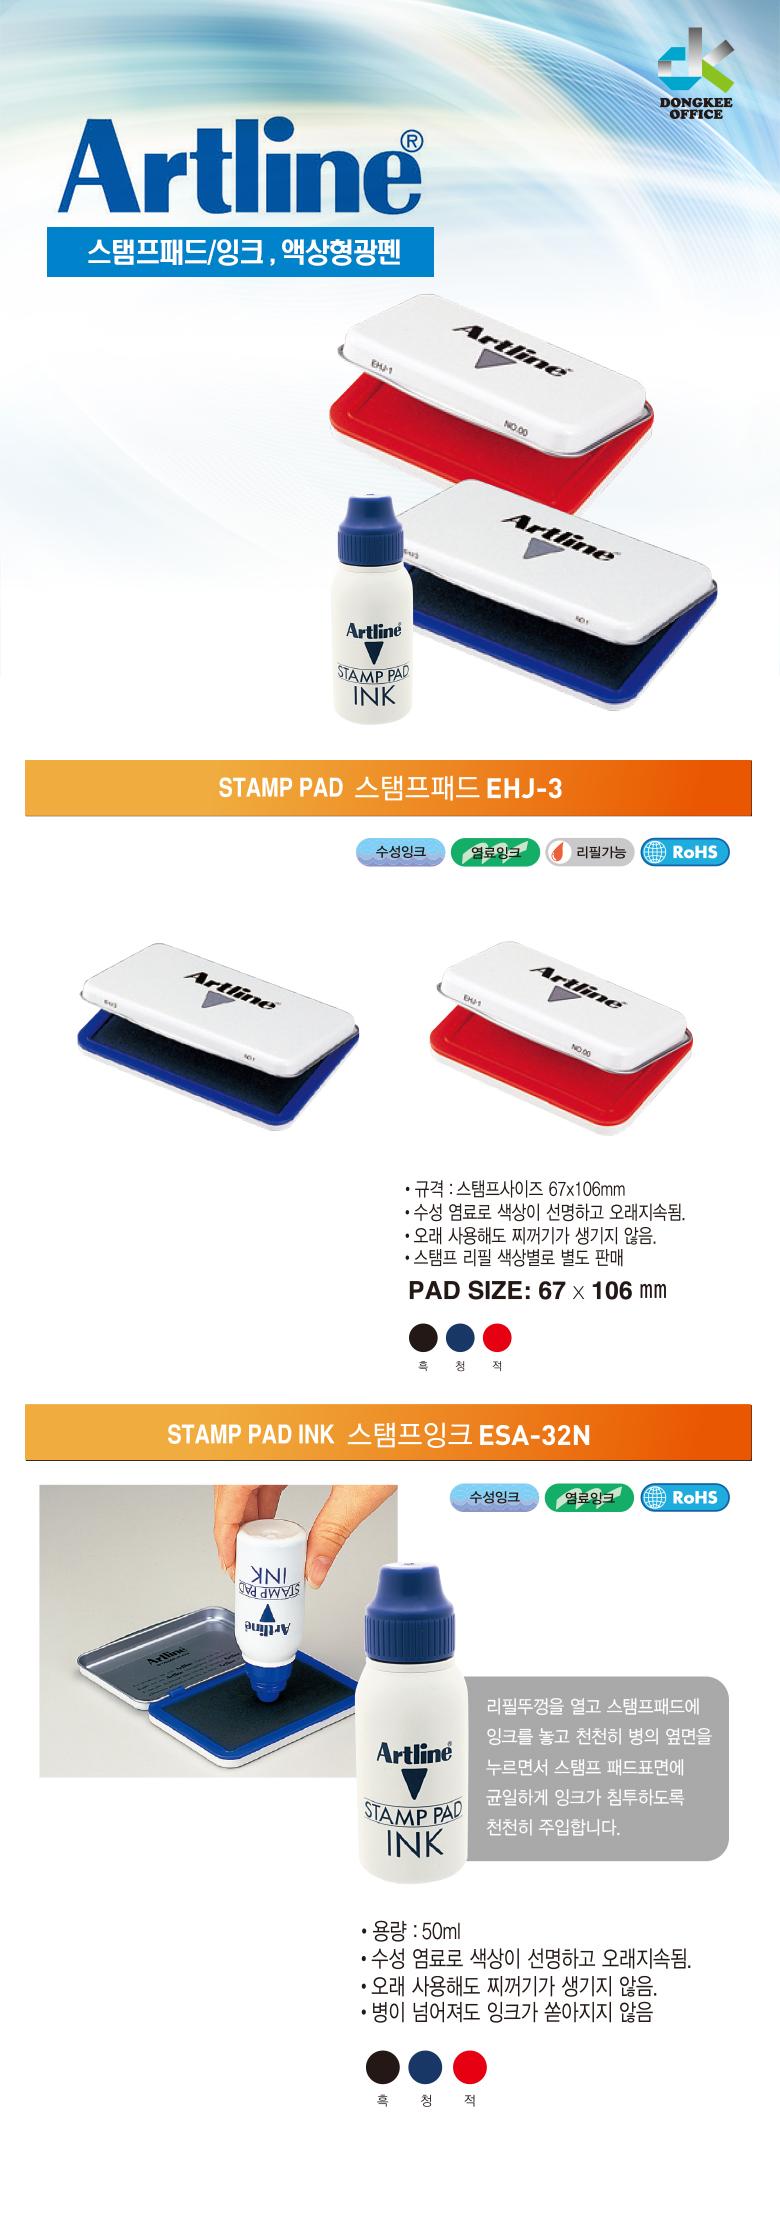 스탬프 잉크 - 동기오피스, 2,400원, 스탬프, 씰링/잉크